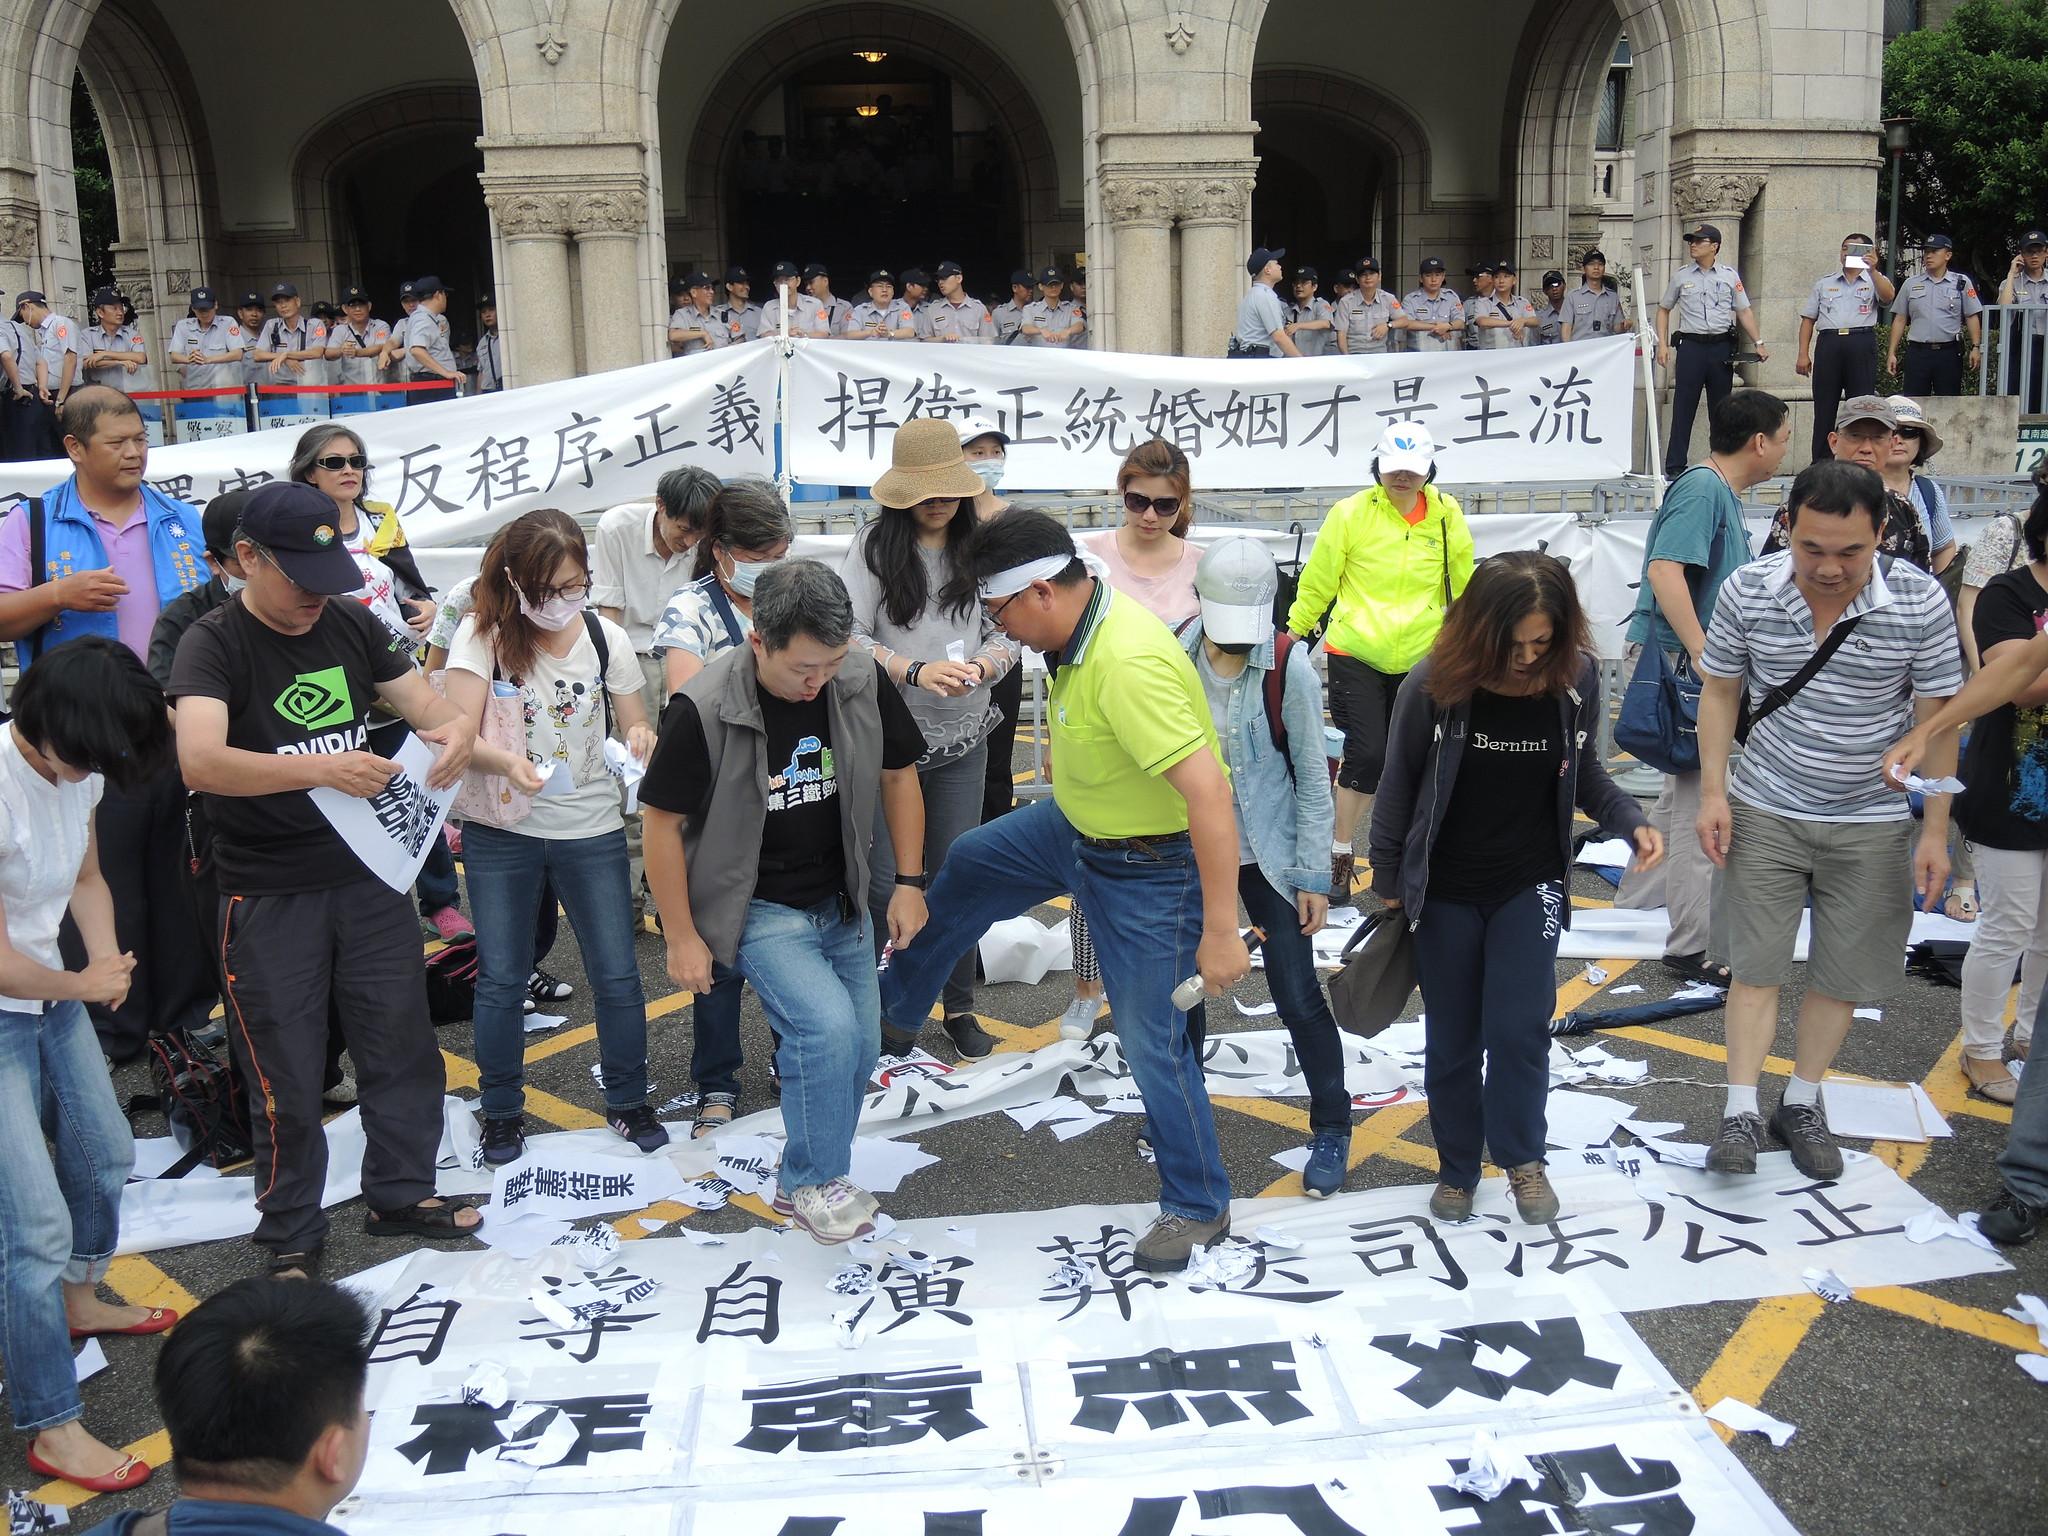 得知大法官宣告現行《民法》違憲後,下福盟將印有「釋憲結果」的紙張撕毀在地踩踏。(攝影:曾福全)